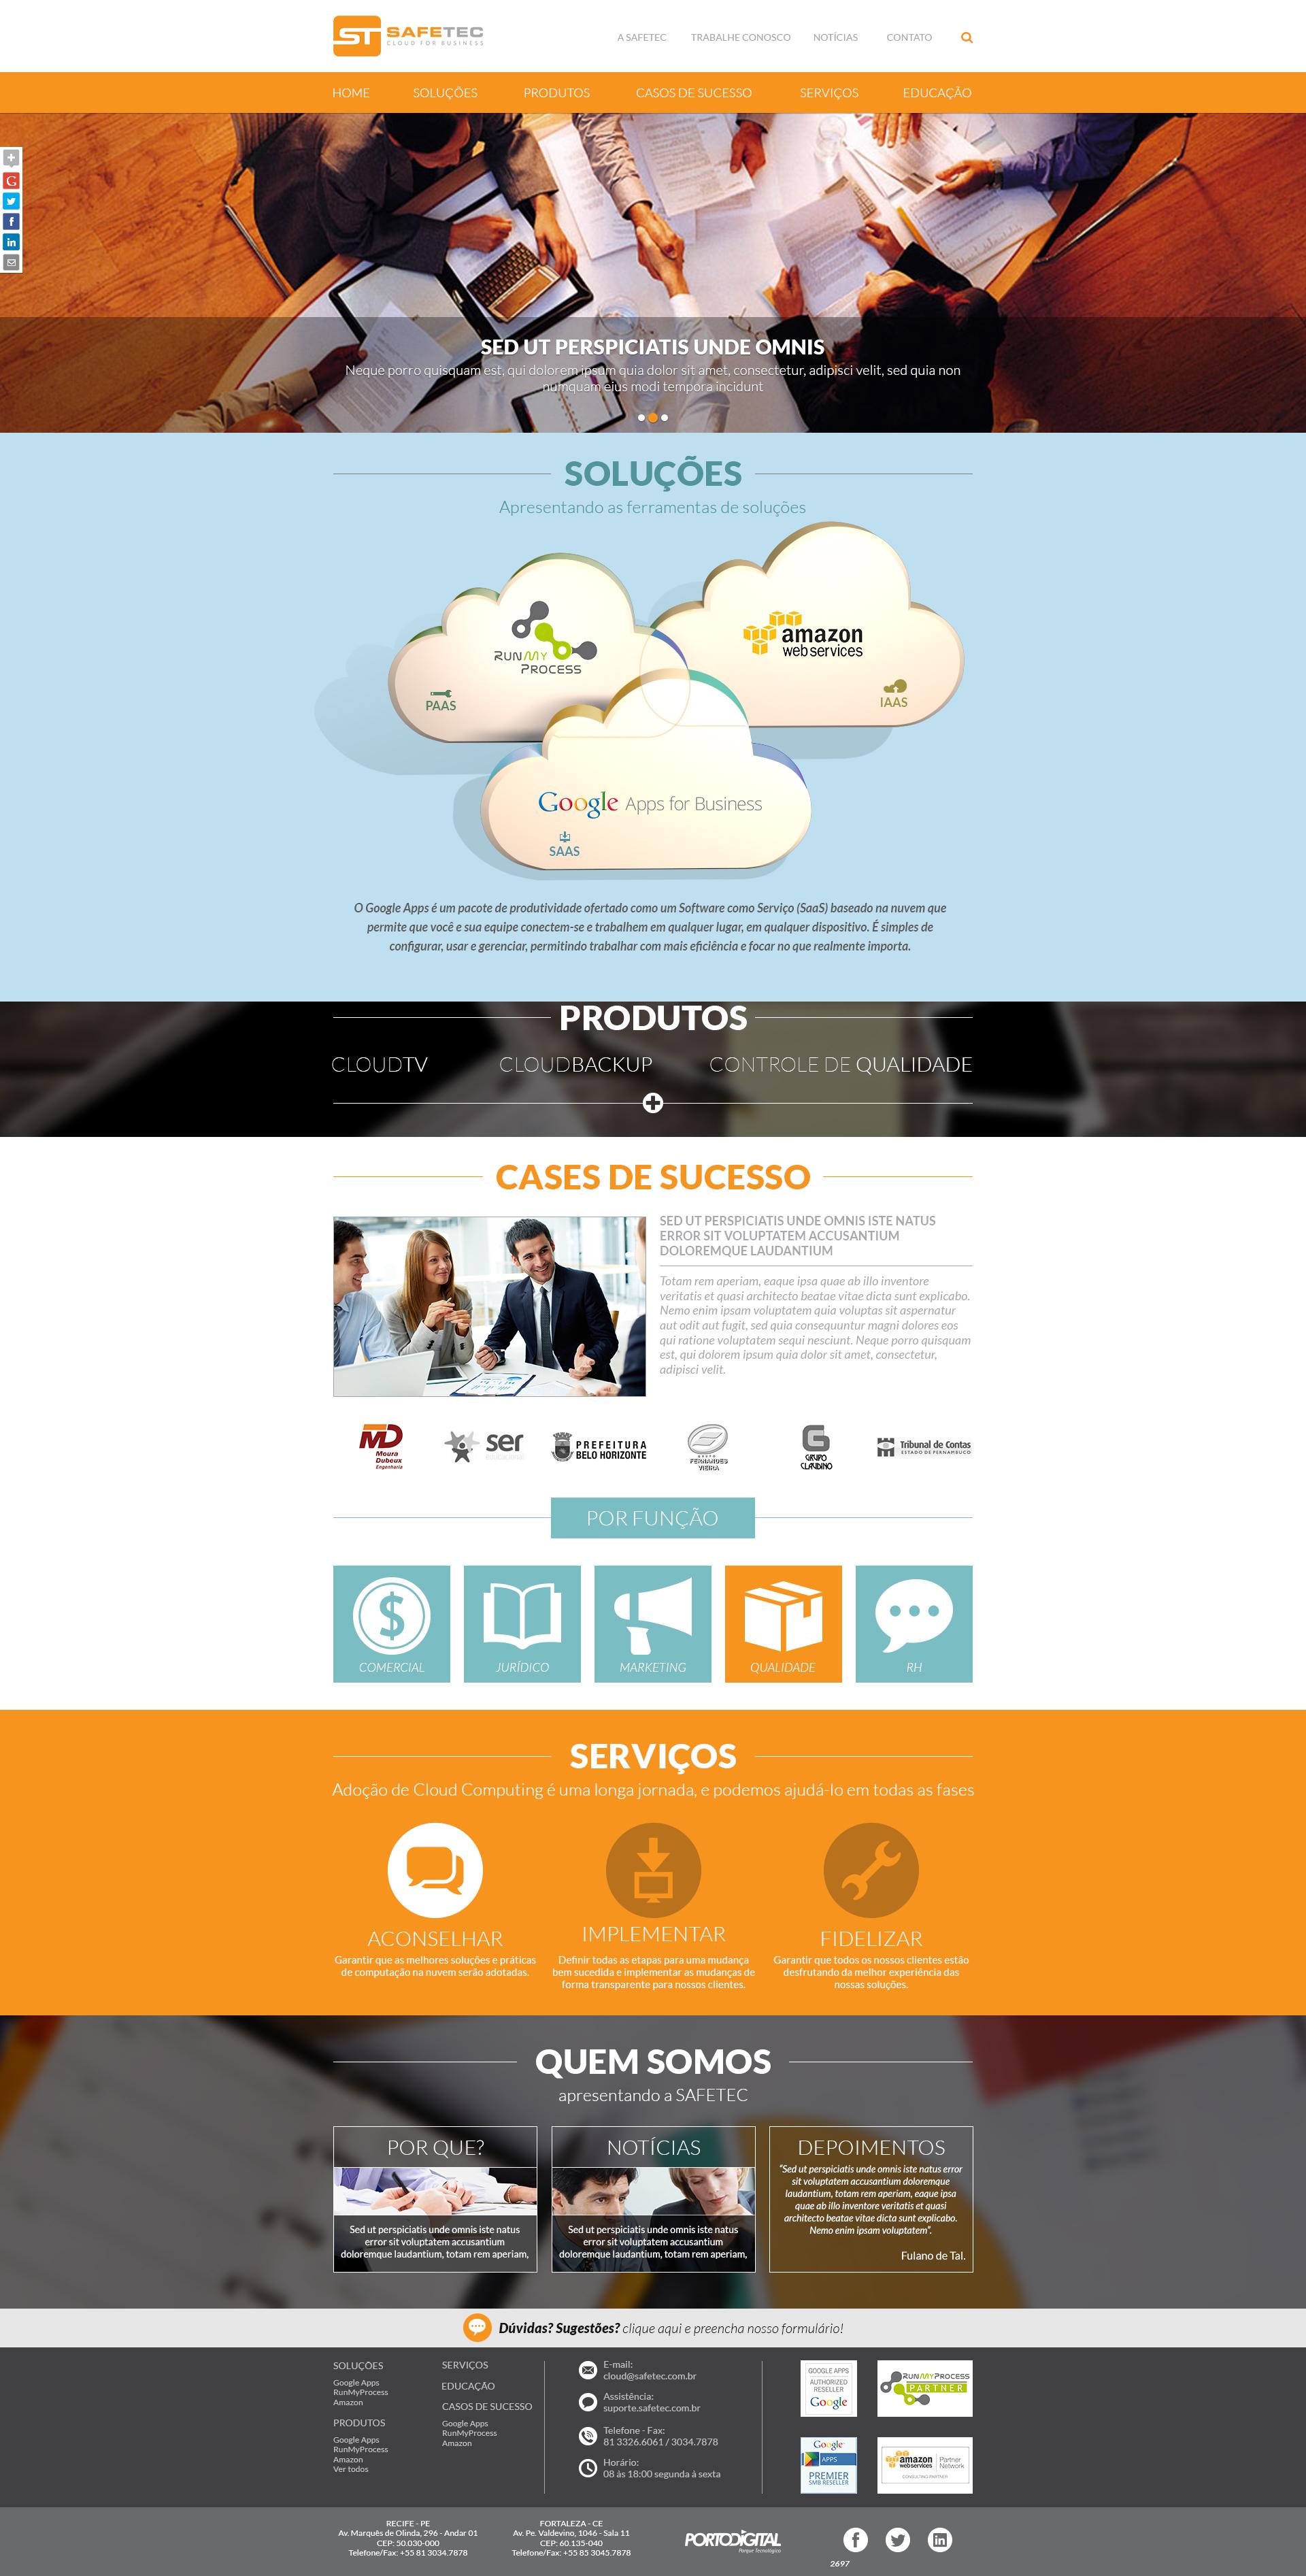 Portal Safetec